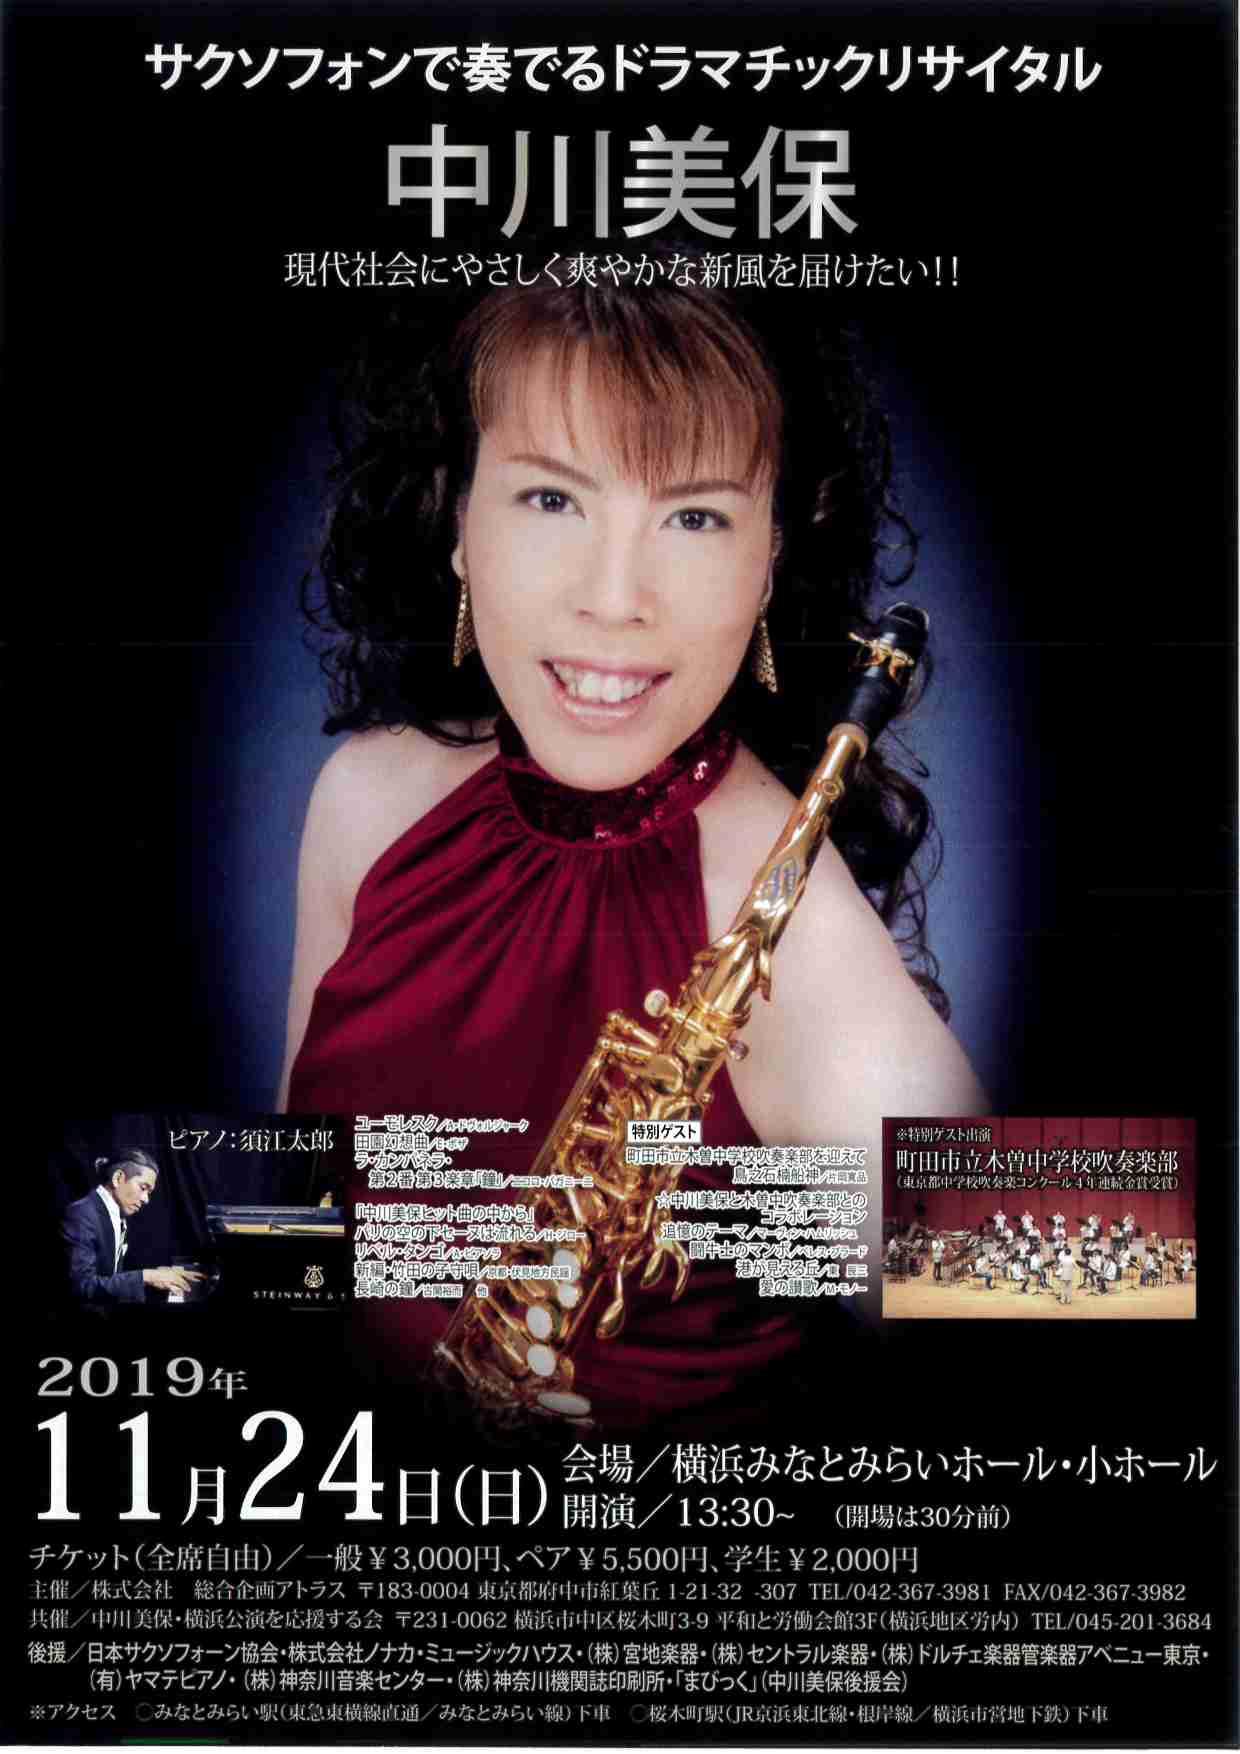 中川美保 サクソフォンで奏でるドラマチックリサイタル